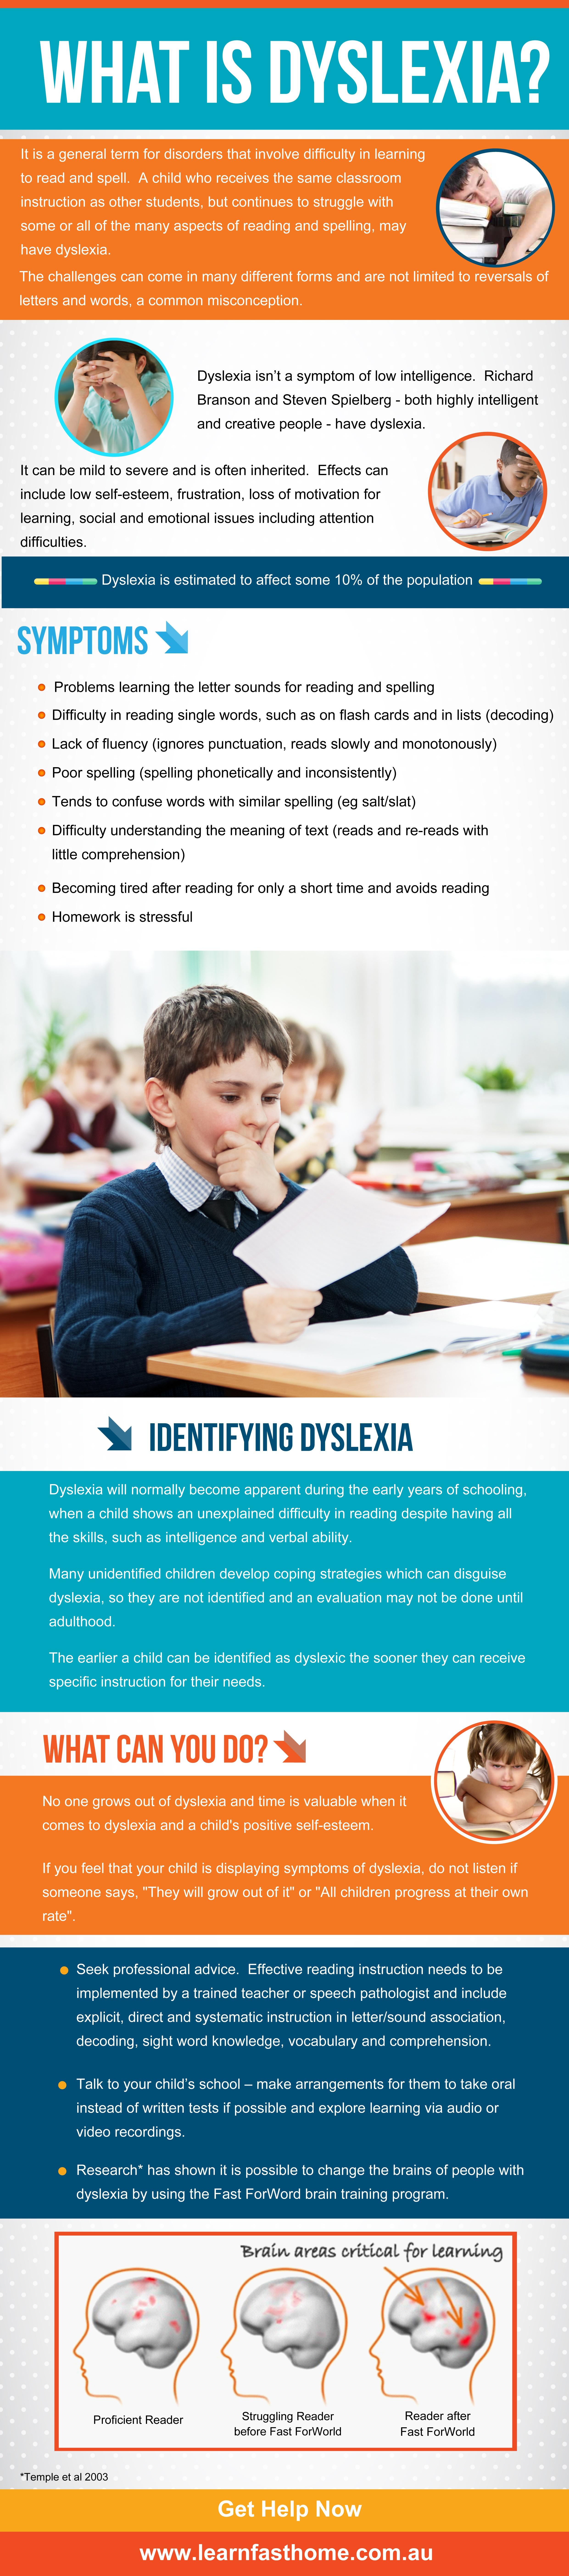 Dyslexia_infogrphic_2.jpg